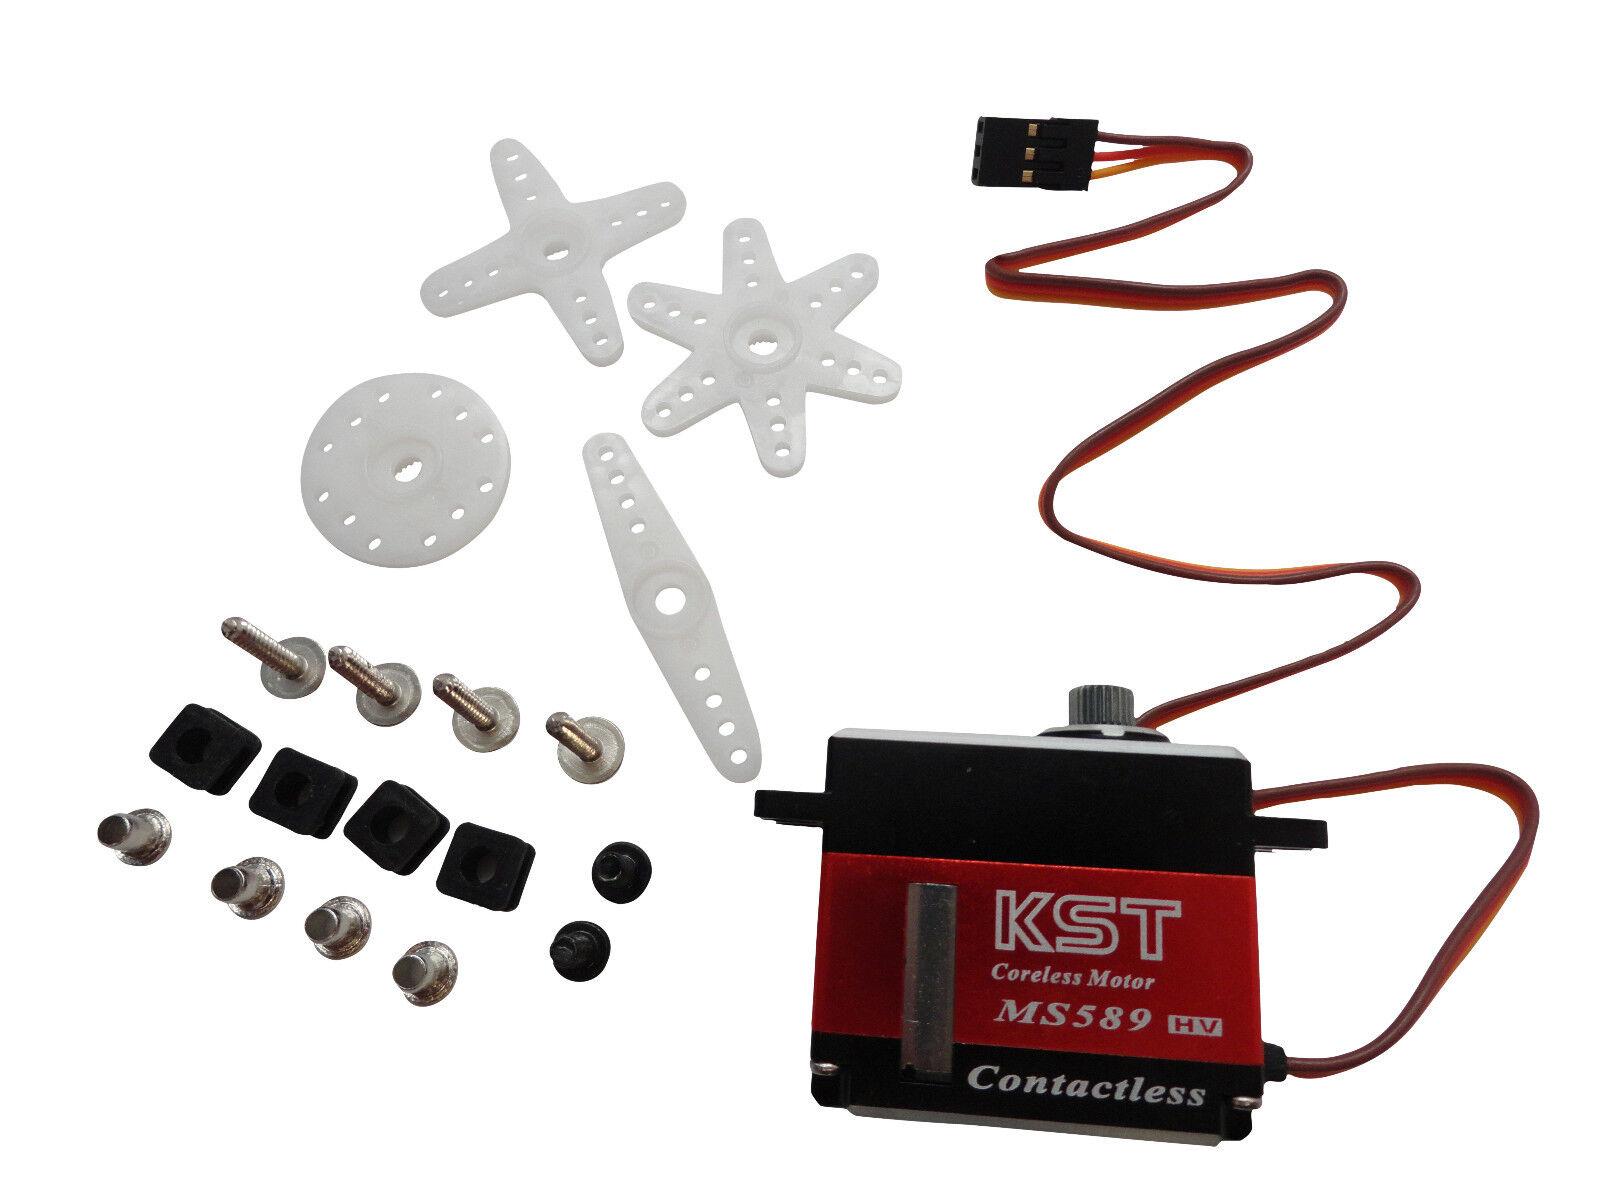 KST MS589 Mini Metal Gear Magnetic Sensor Digital Servo - 500 Size